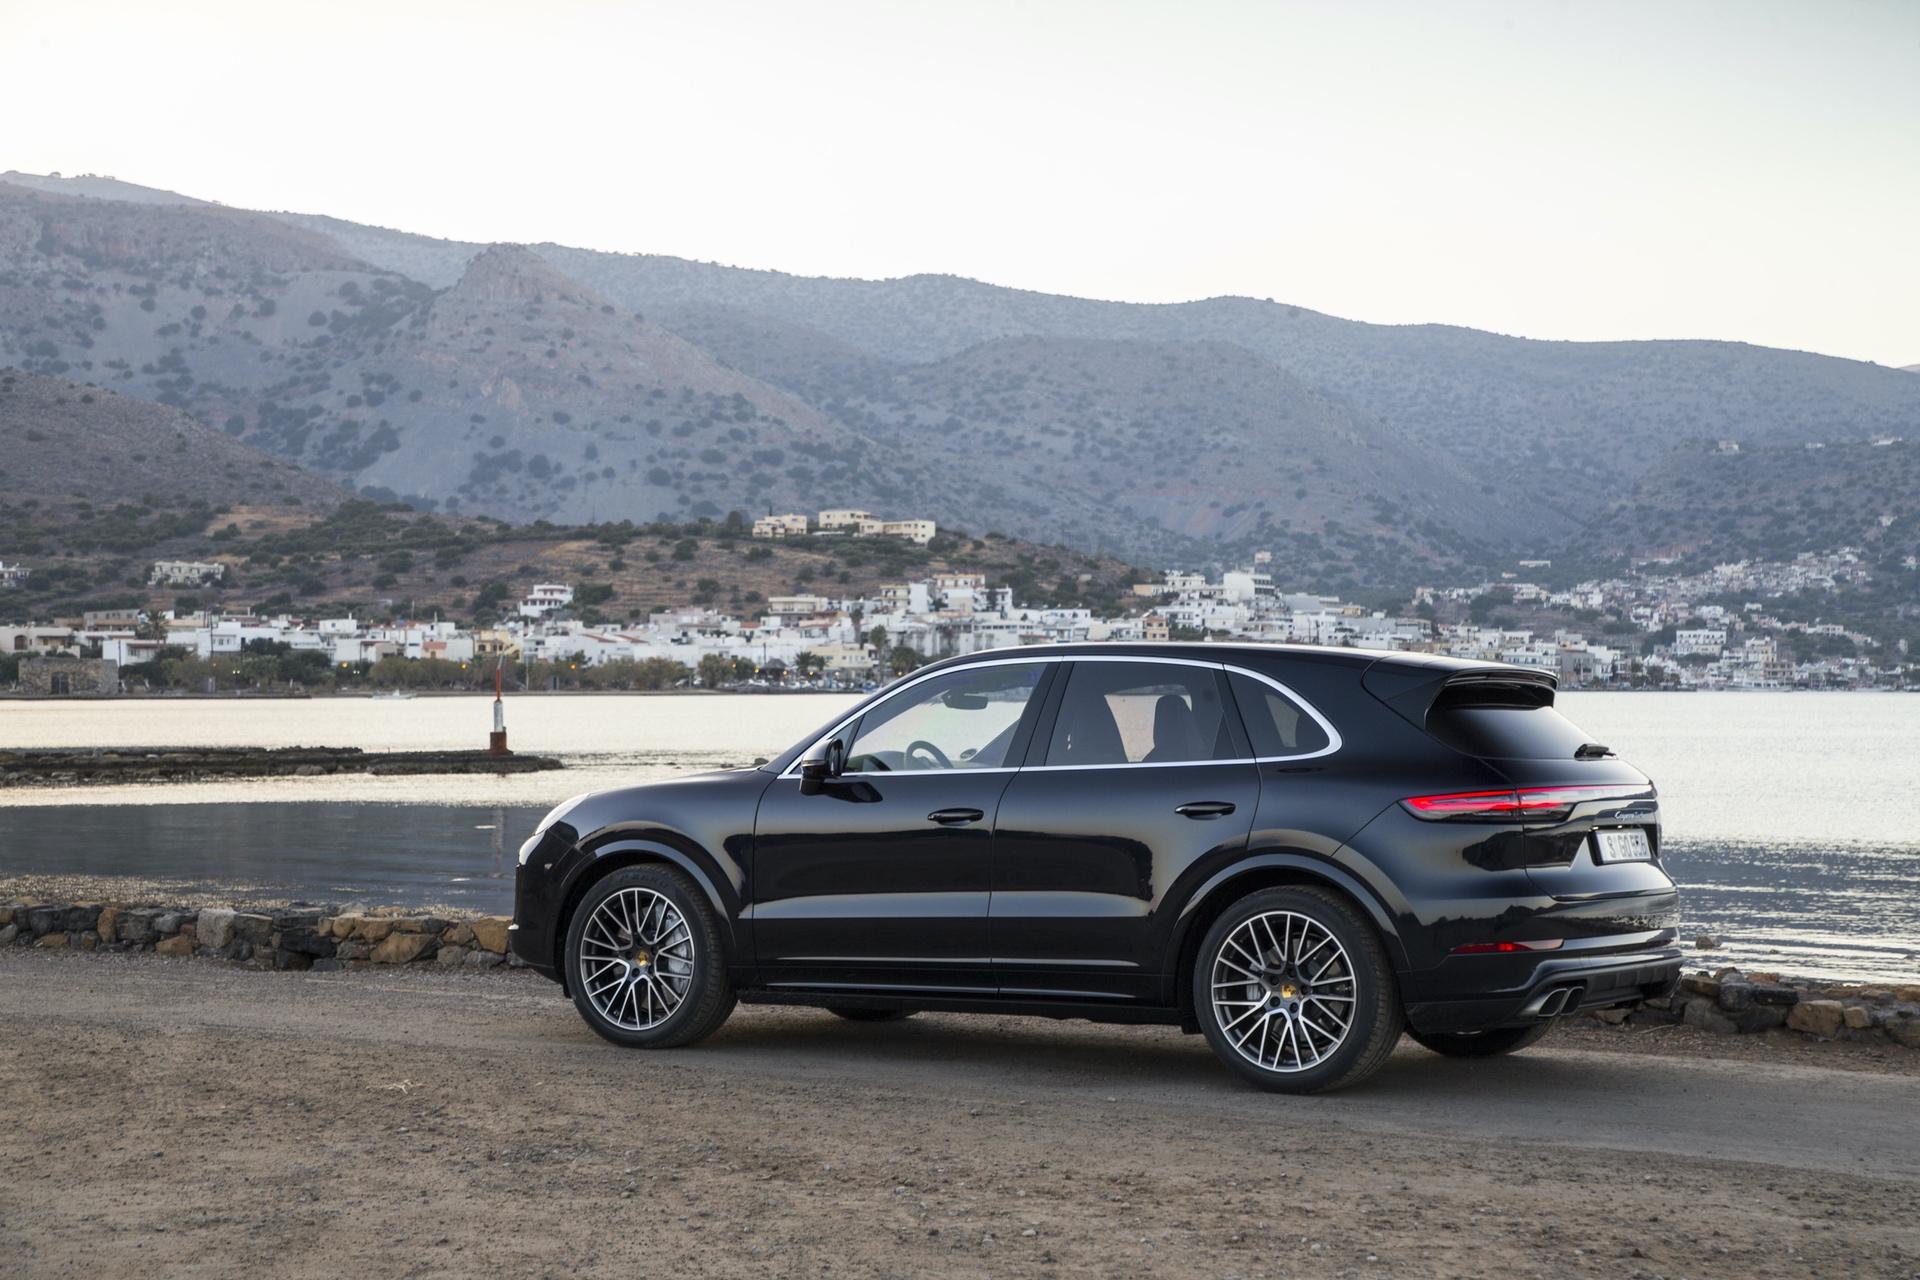 Test_Drive_Porsche_Cayenne_137